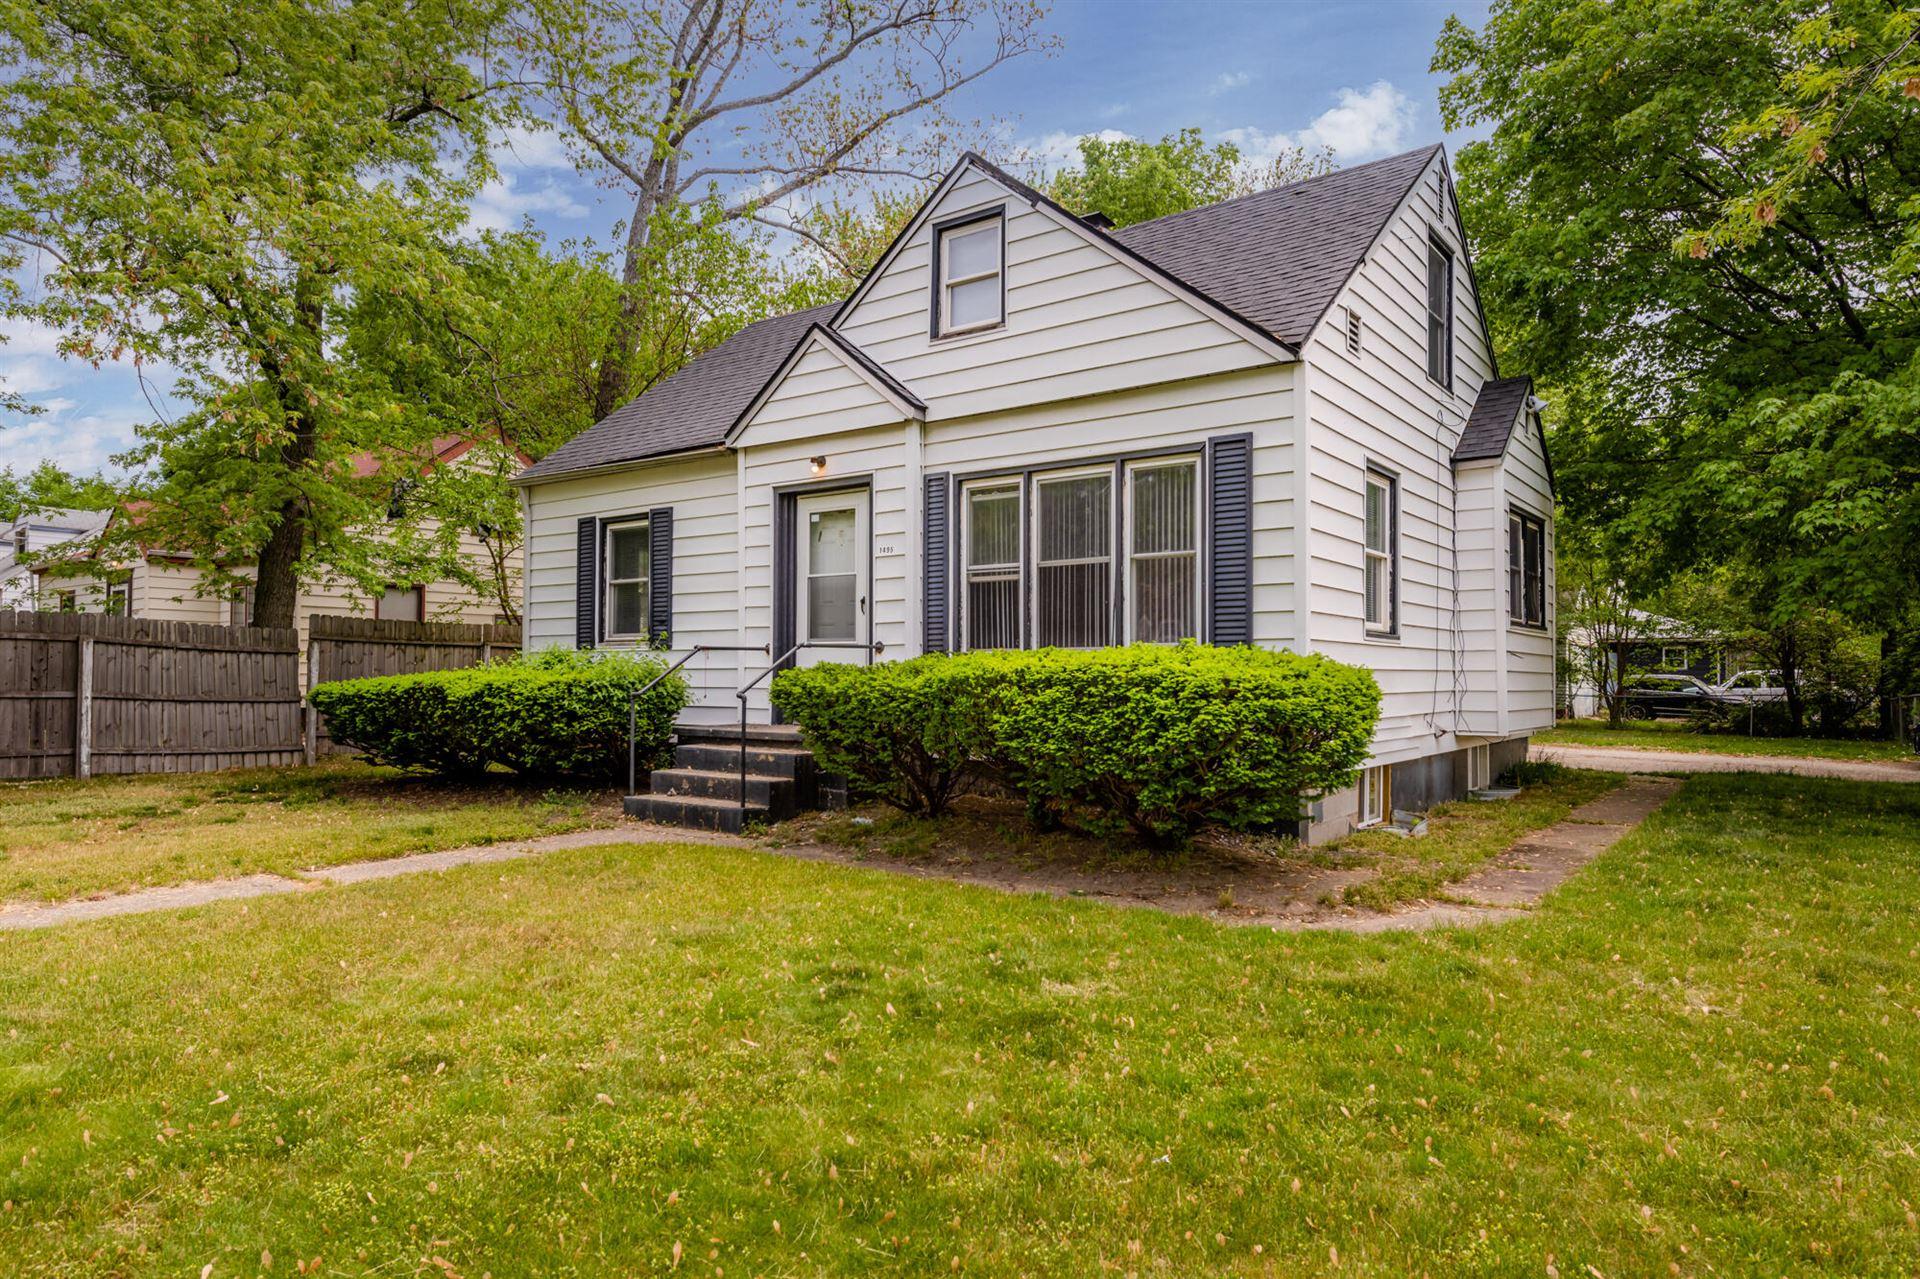 1495 Agard Avenue, Benton Harbor, MI 49022 - MLS#: 21019397